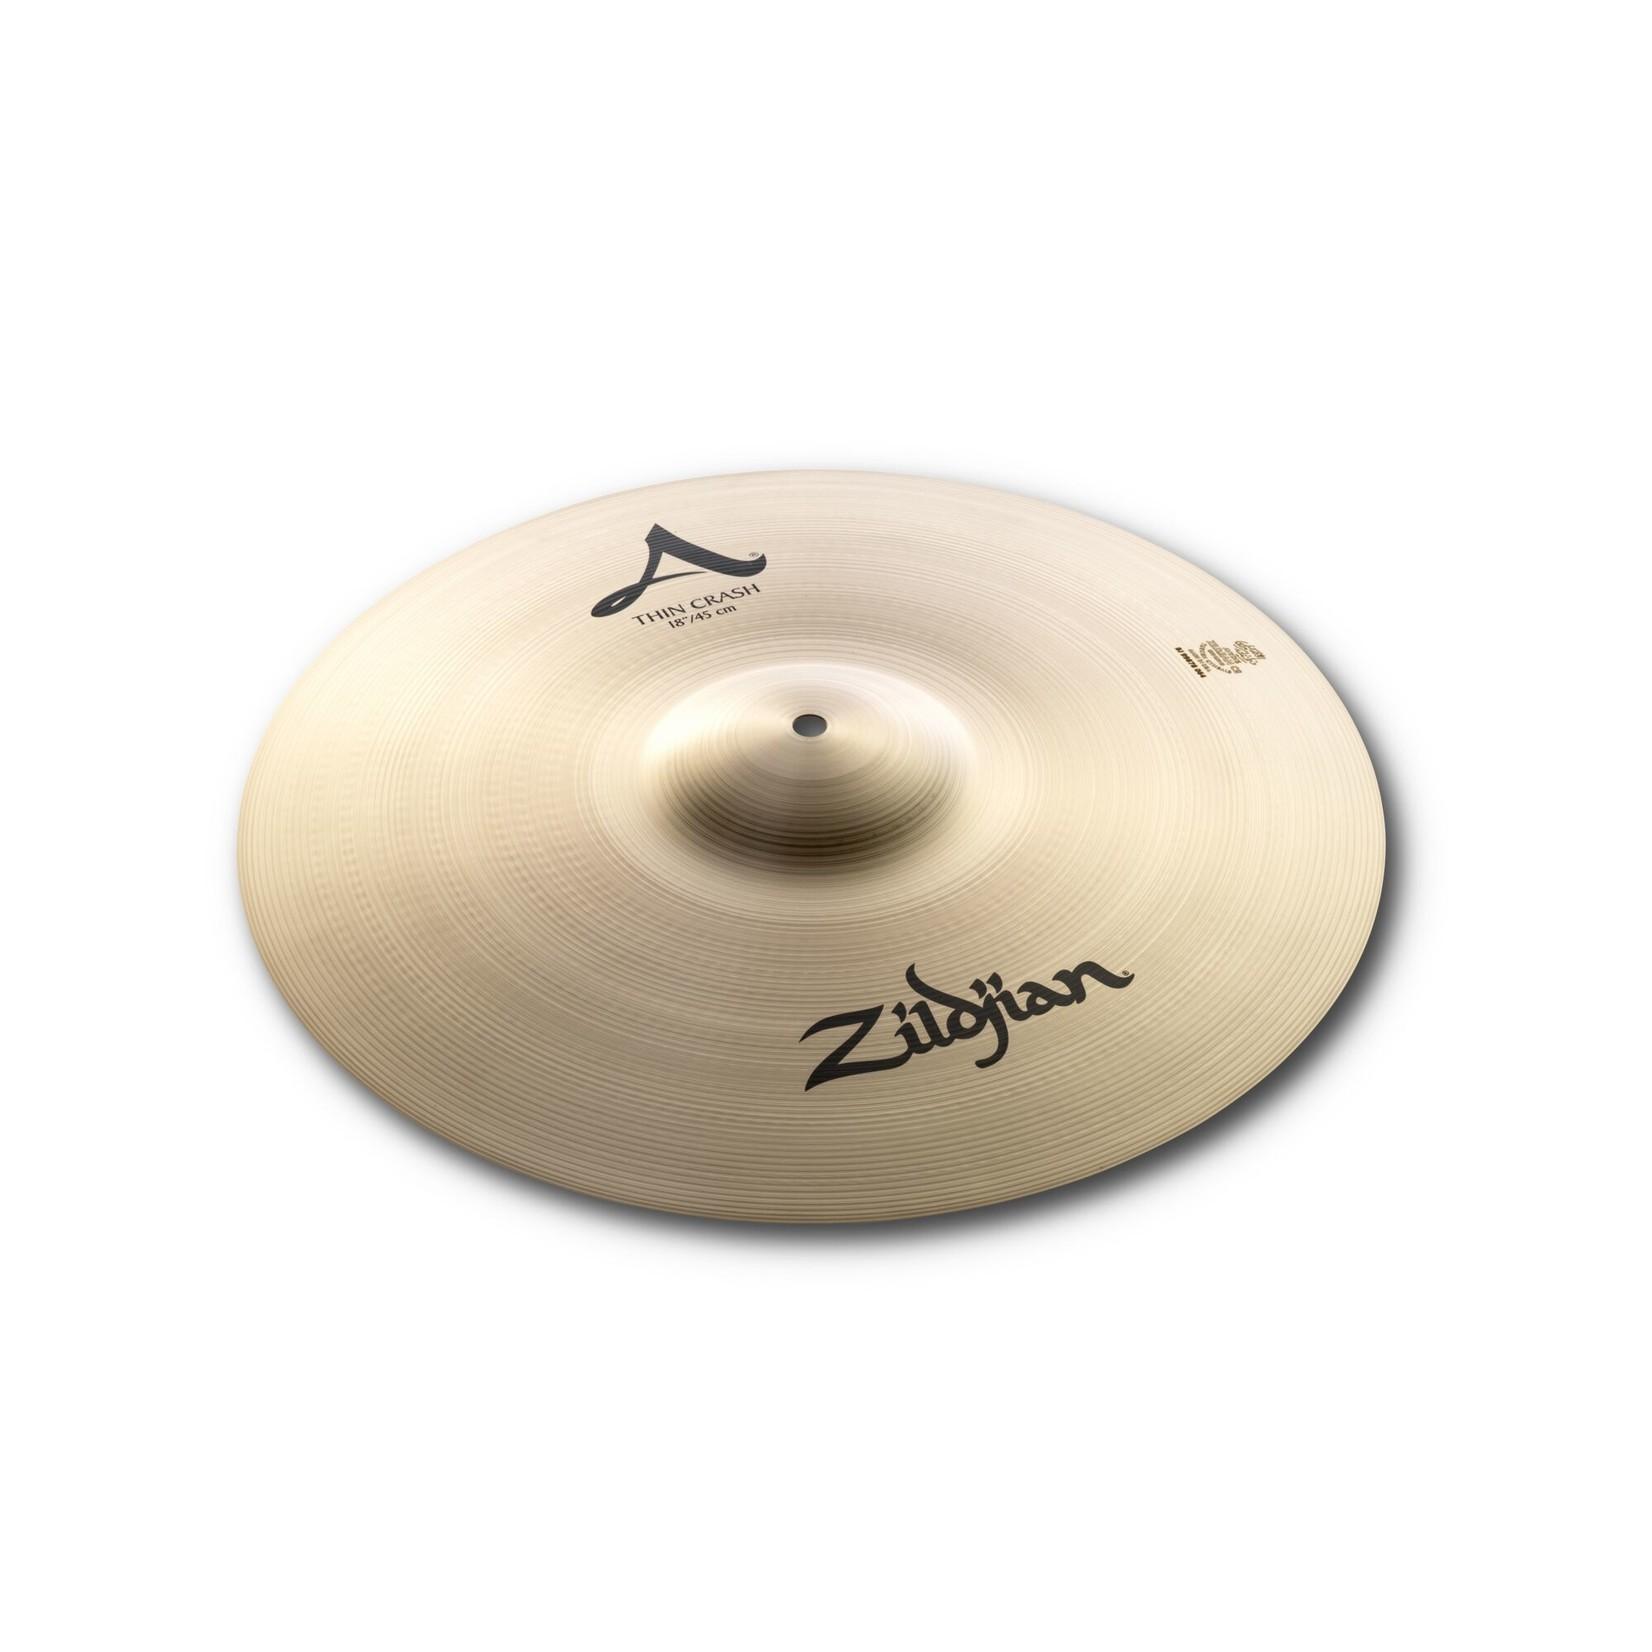 Zildjian Zildjian 18'' A Zildjian Thin Crash